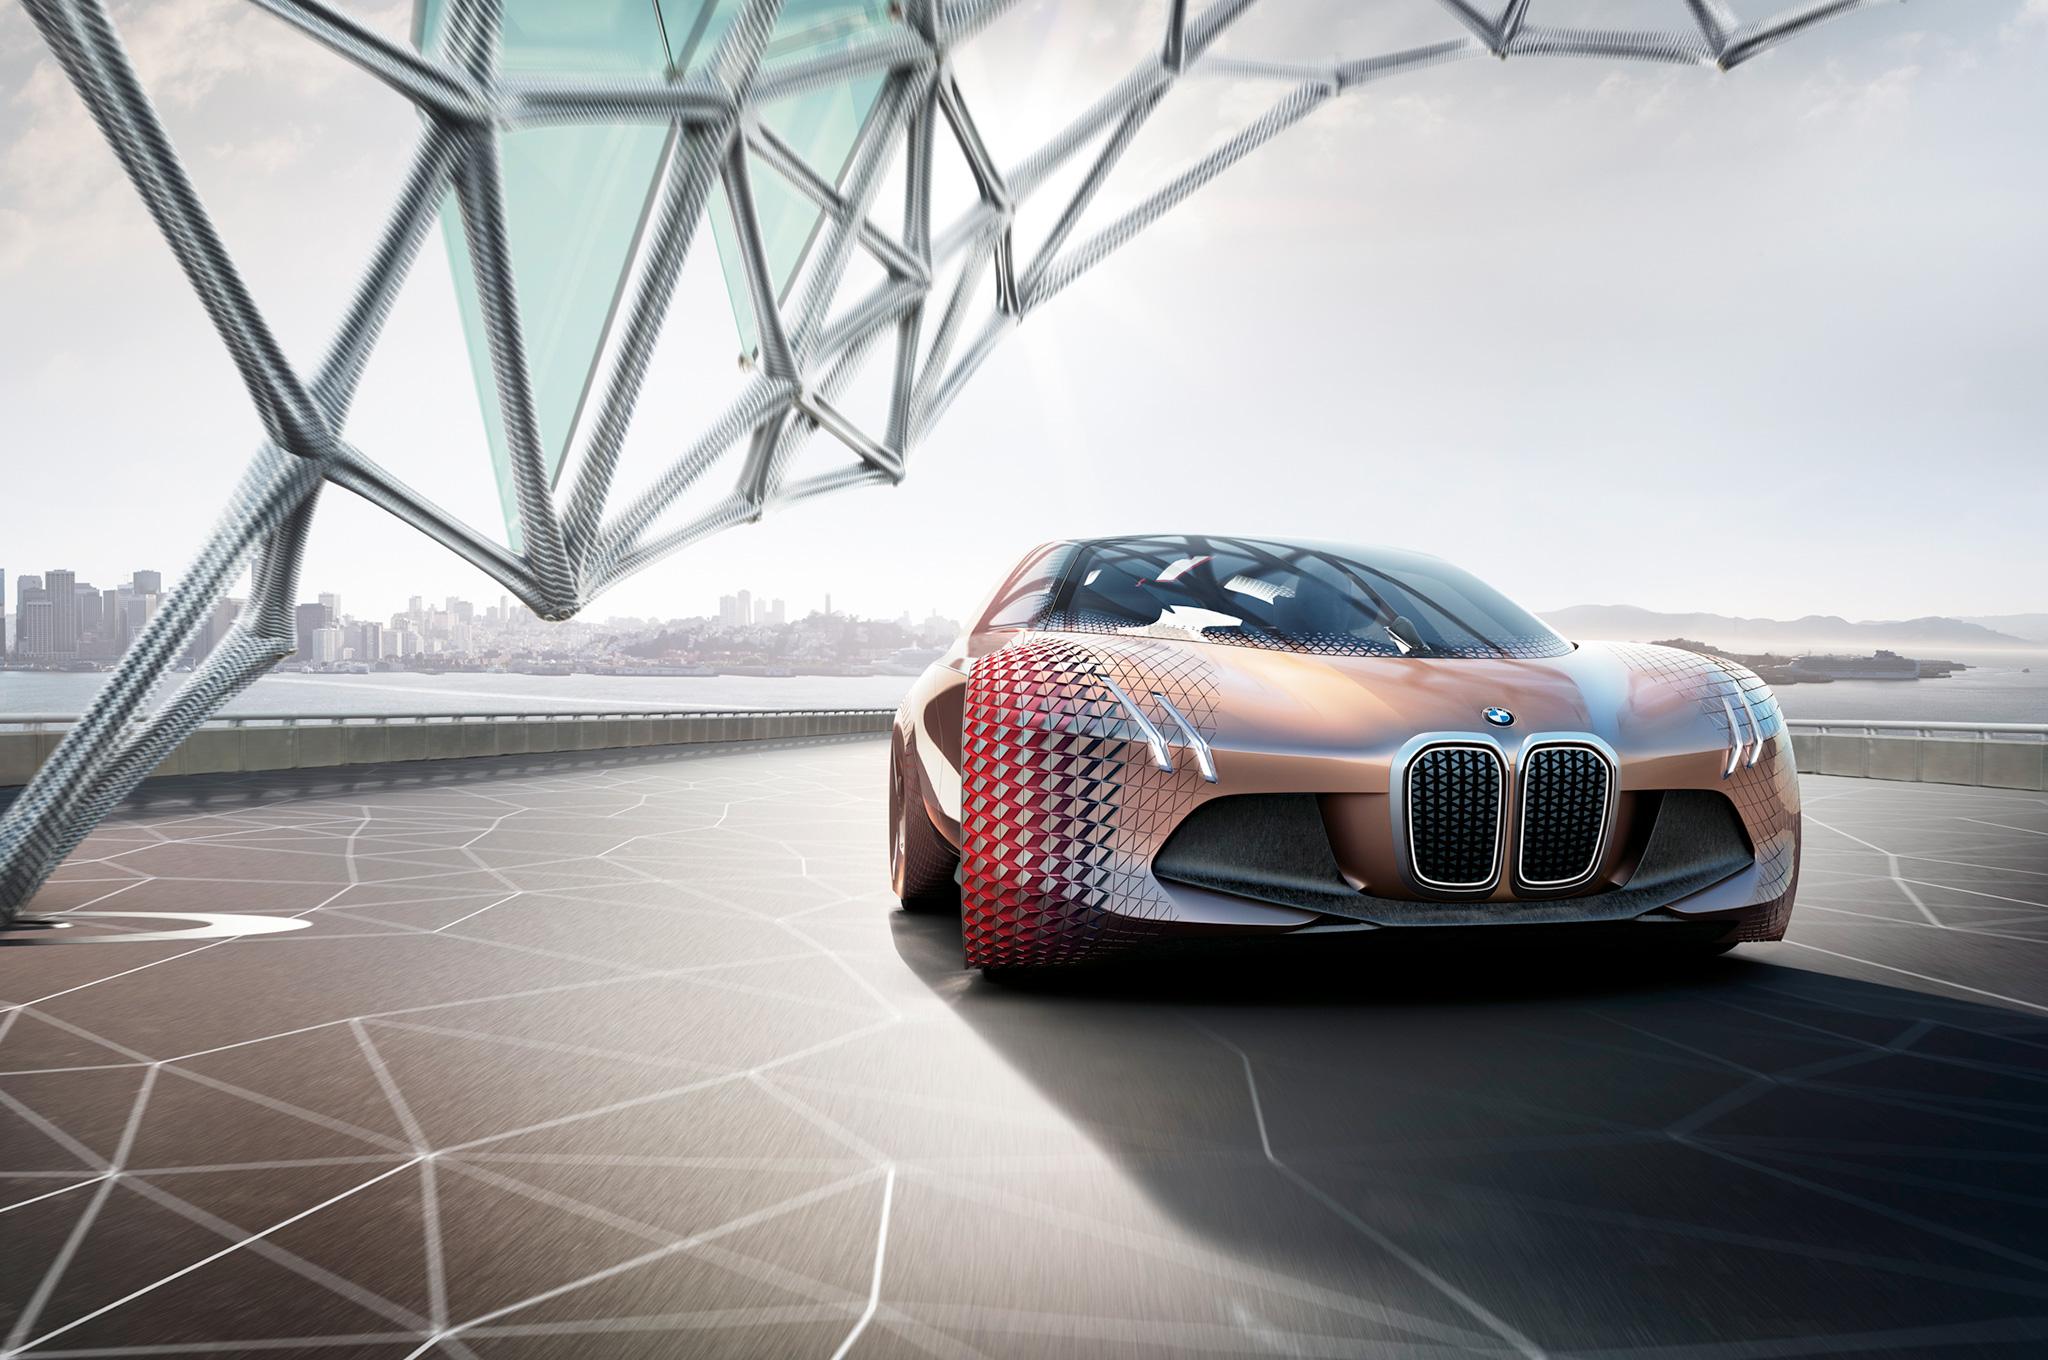 Imagem de Próximo veículo elétrico da BMW poderá ter direção autônoma nível 3 no tecmundo